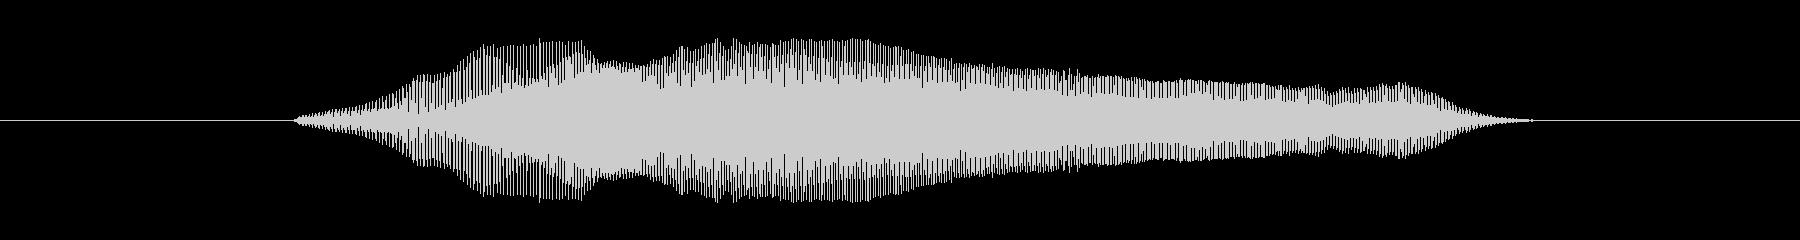 ワーオの未再生の波形